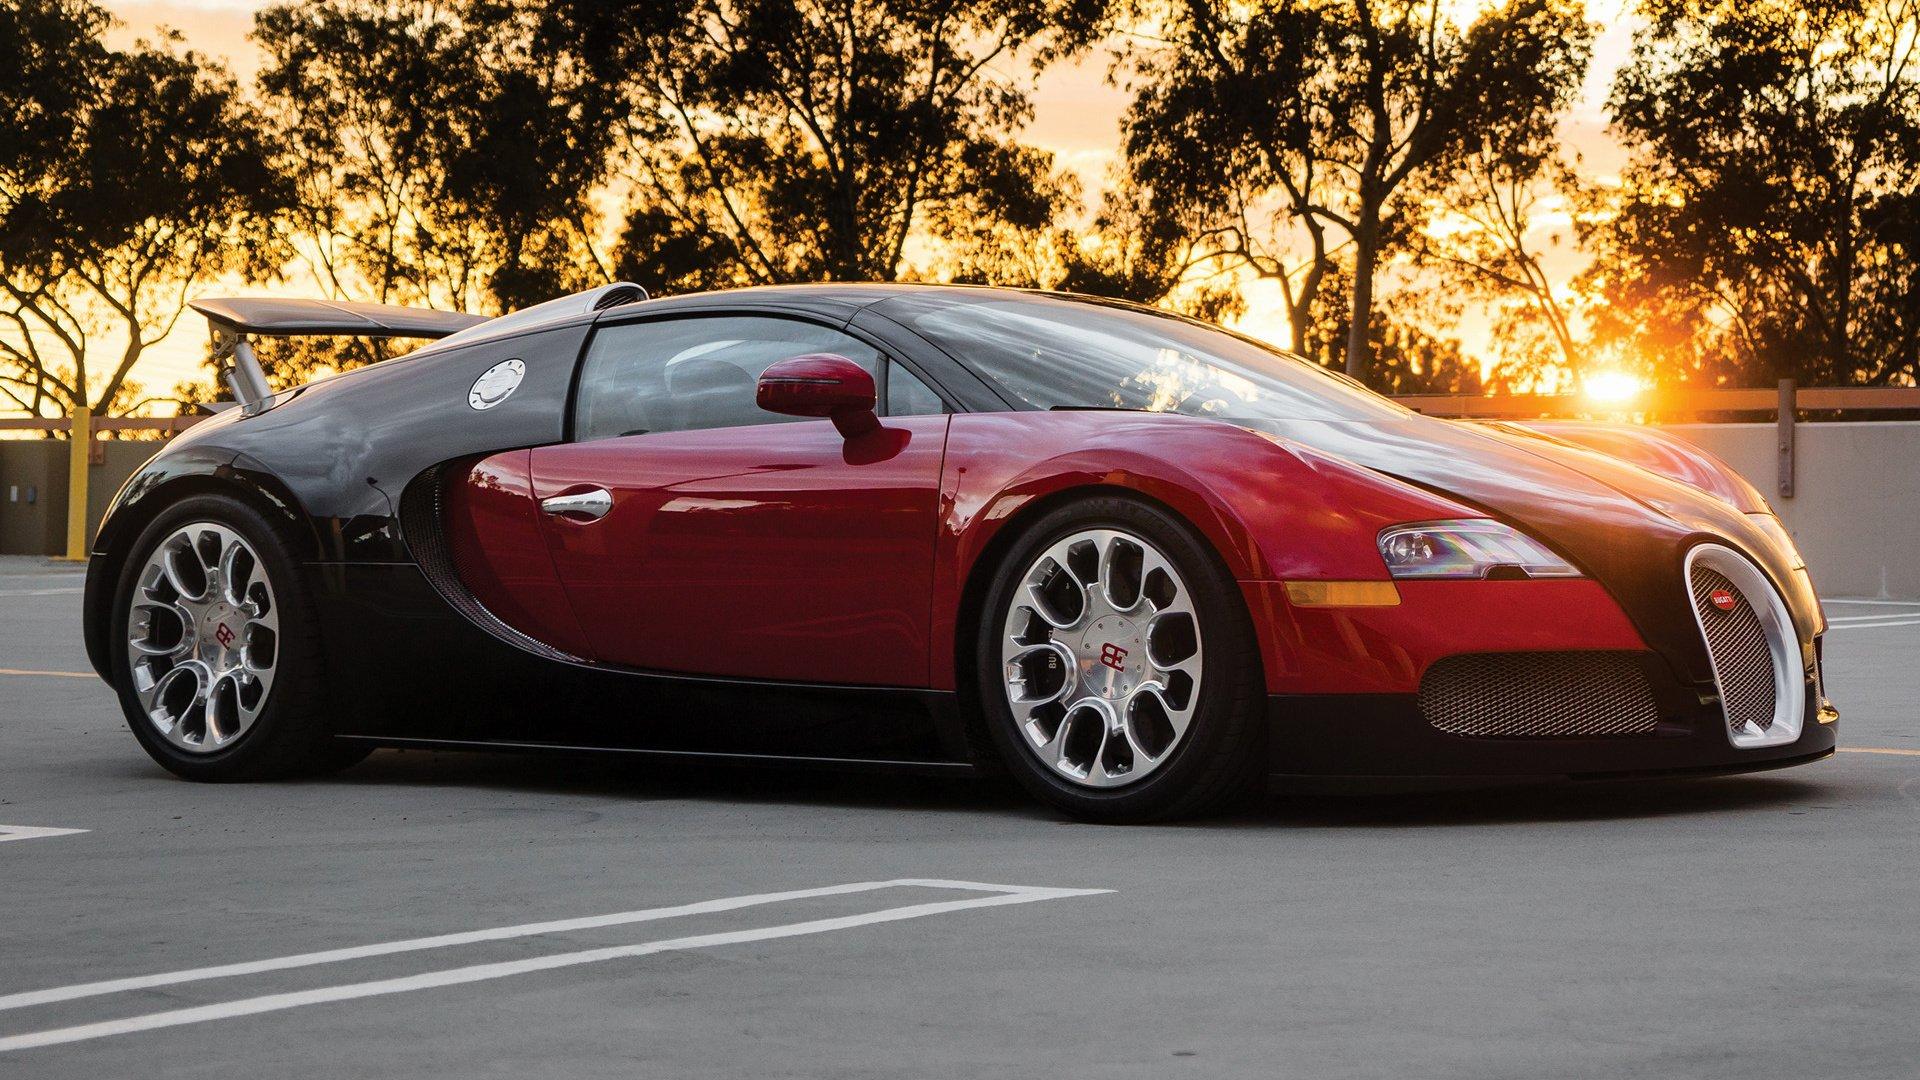 Bugatti Background Wallpaper